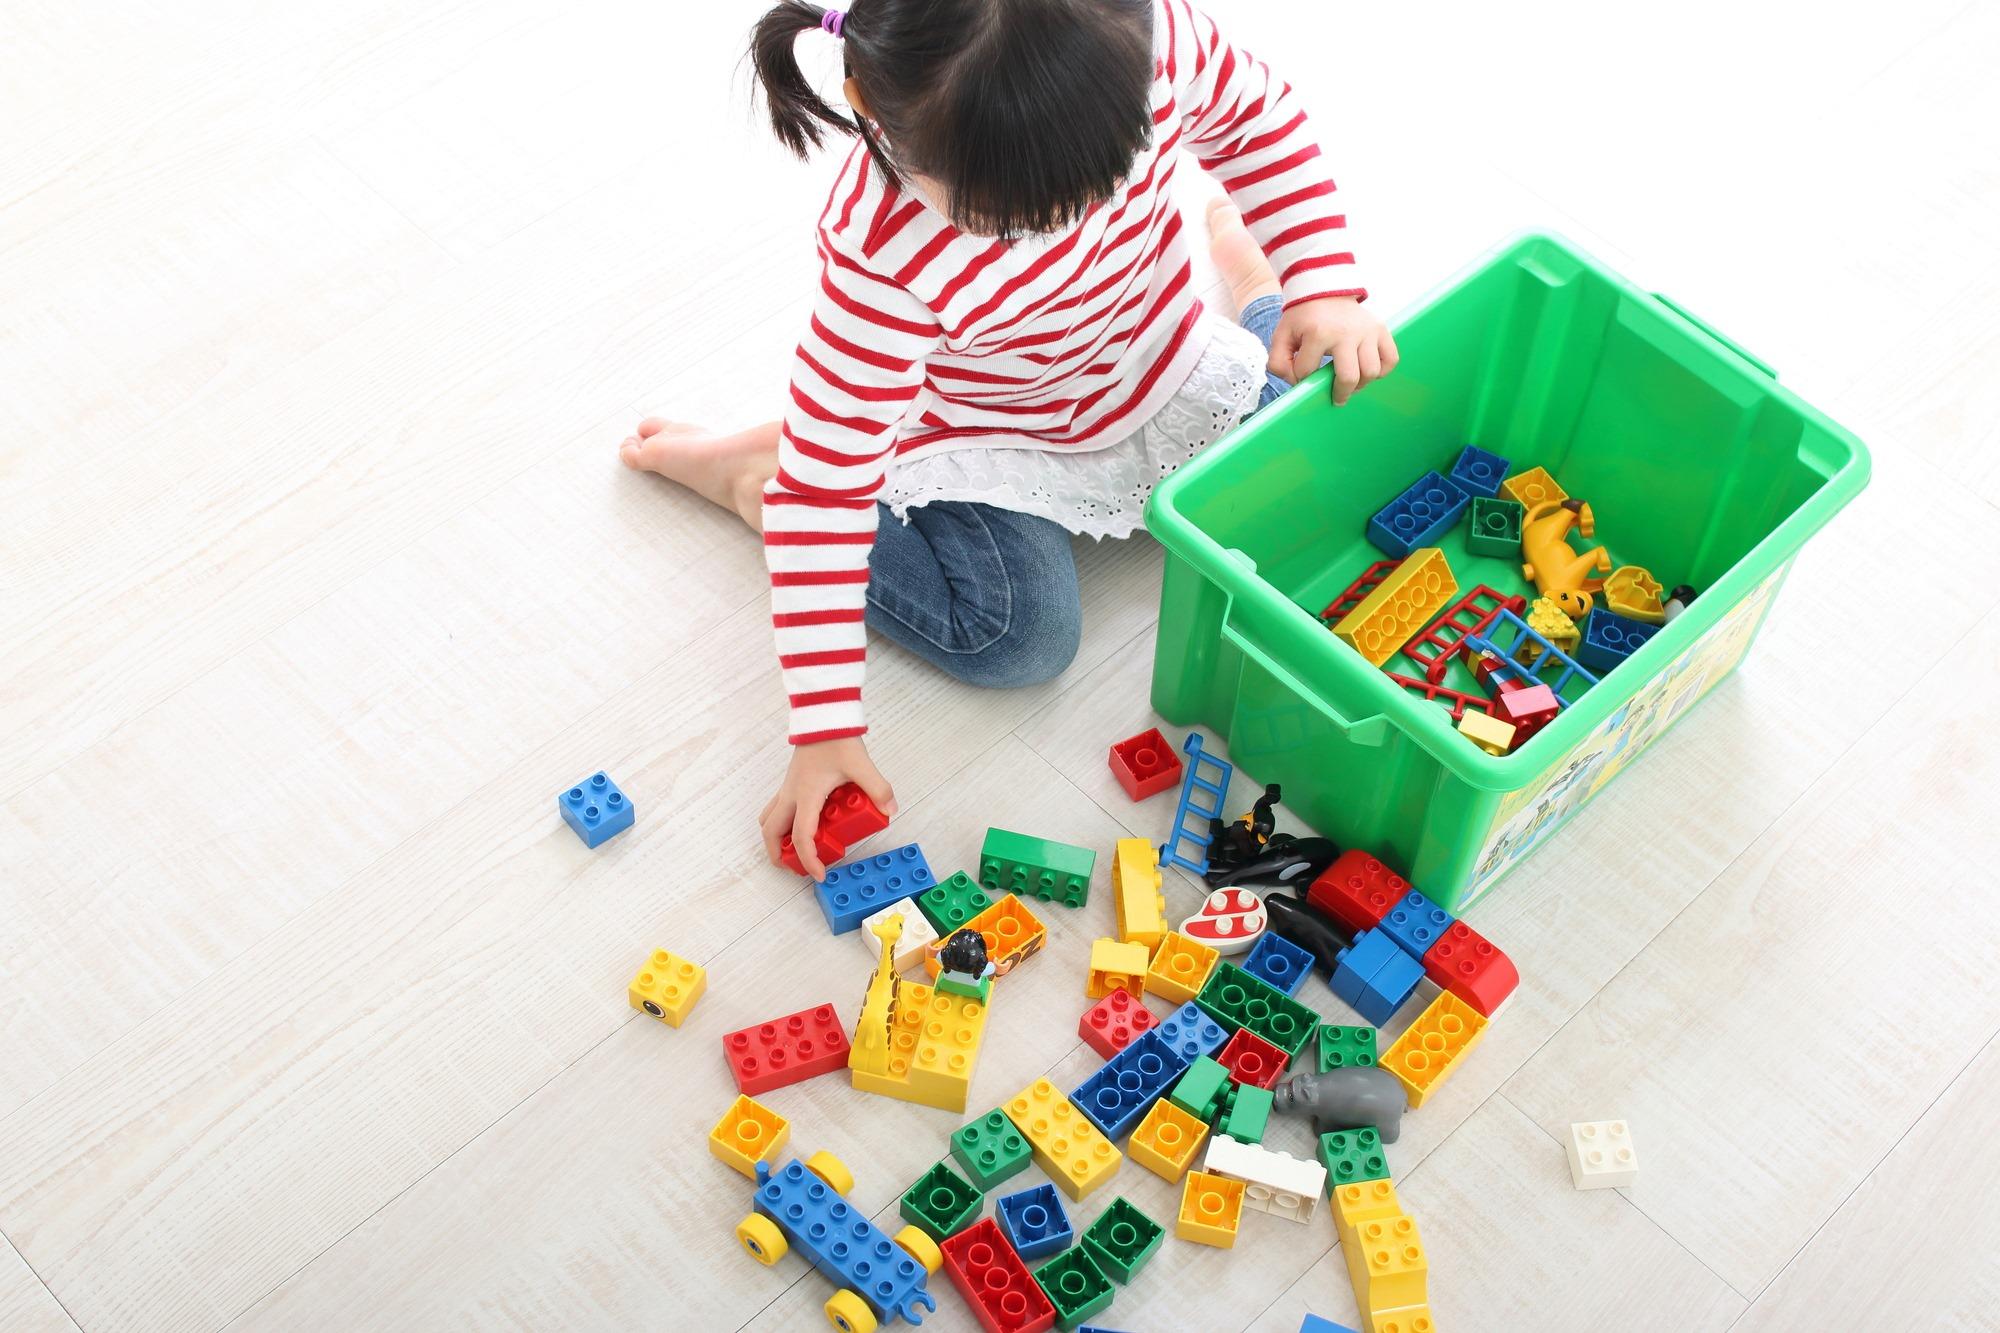 レゴブロックを出す幼児